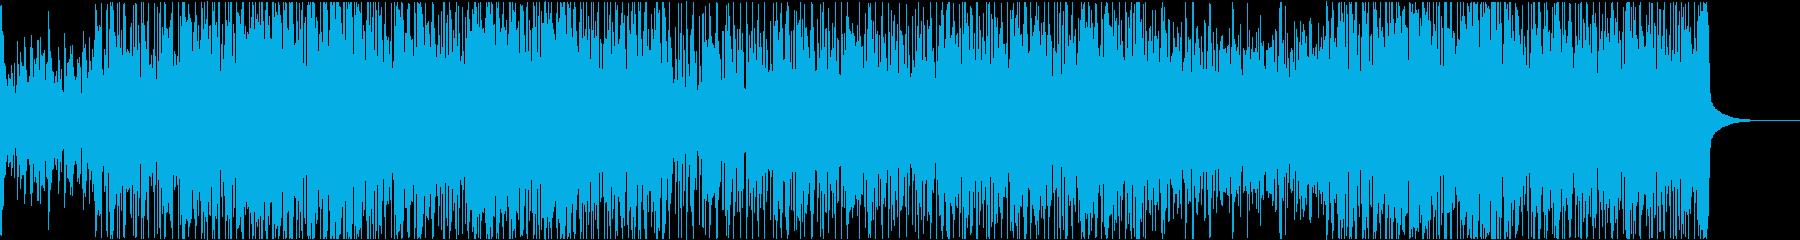 伝統的なジャズ ビバップ 壮大 バ...の再生済みの波形